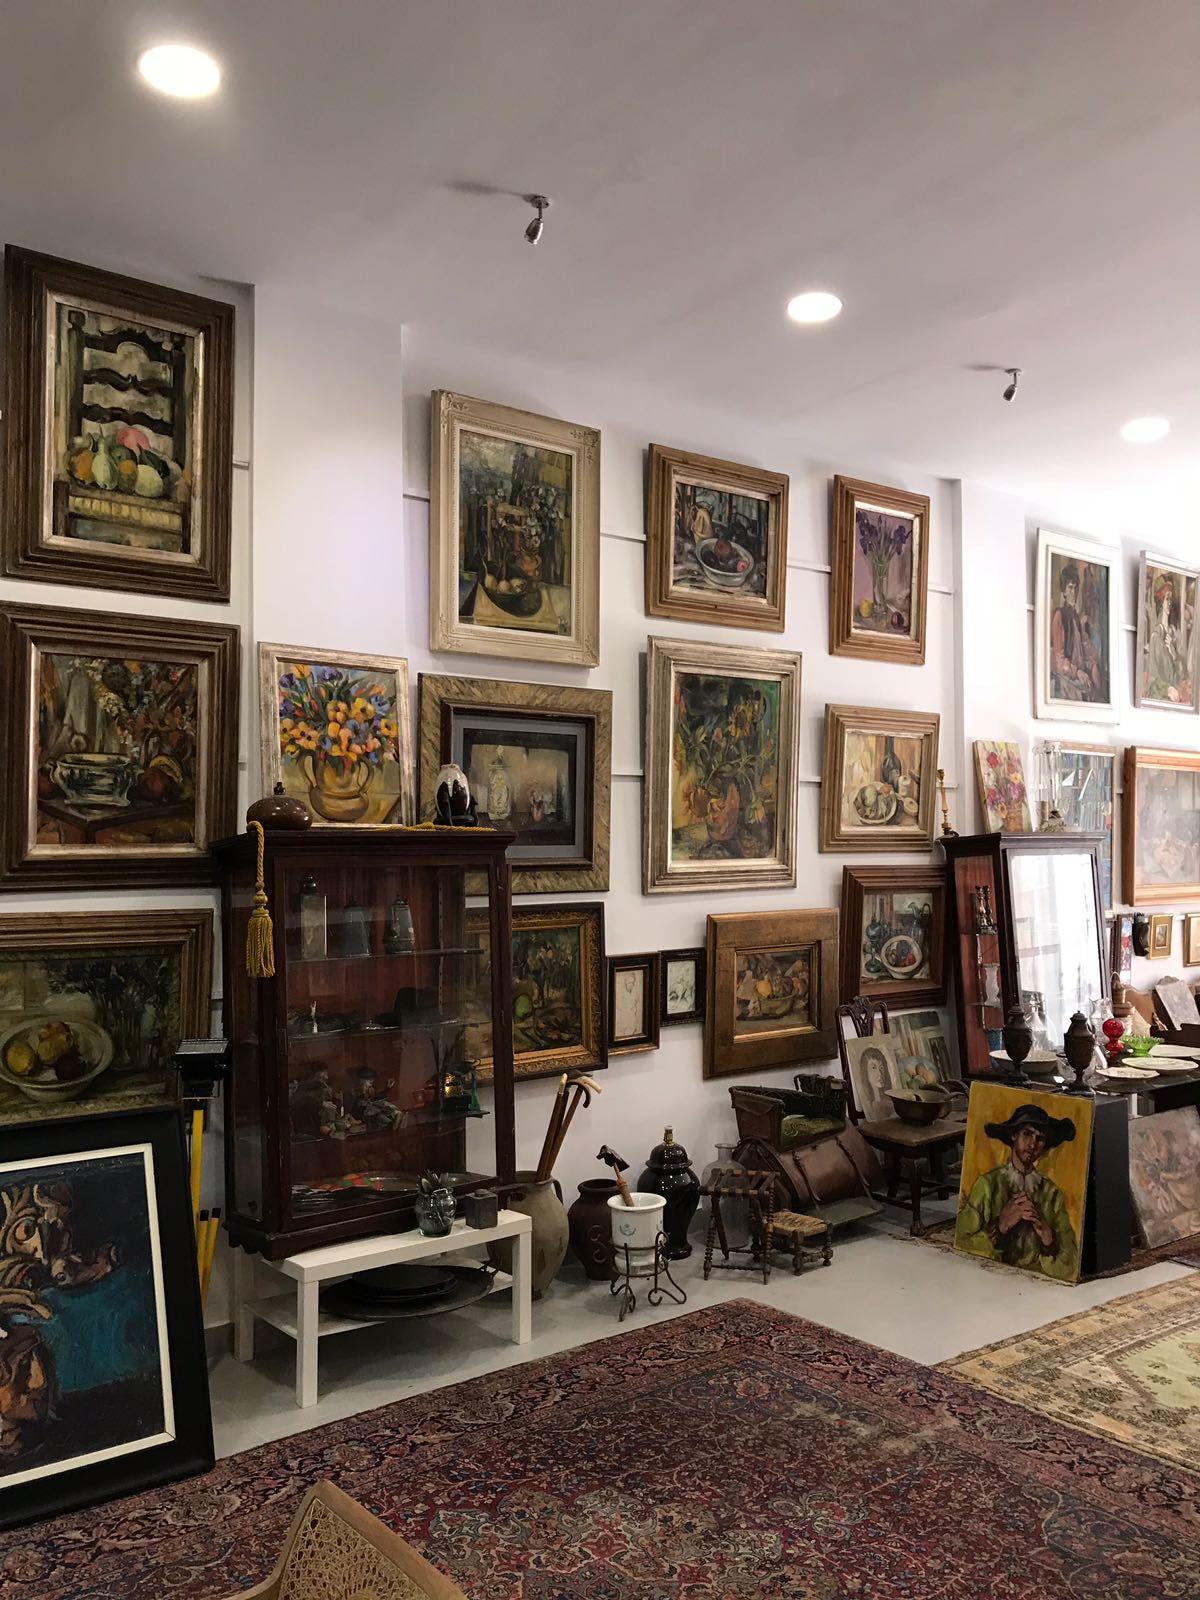 Foto 1 de Galerías de arte y salas de exposiciones en Cartagena | Arte & Antigüedades Federico Robles Perez